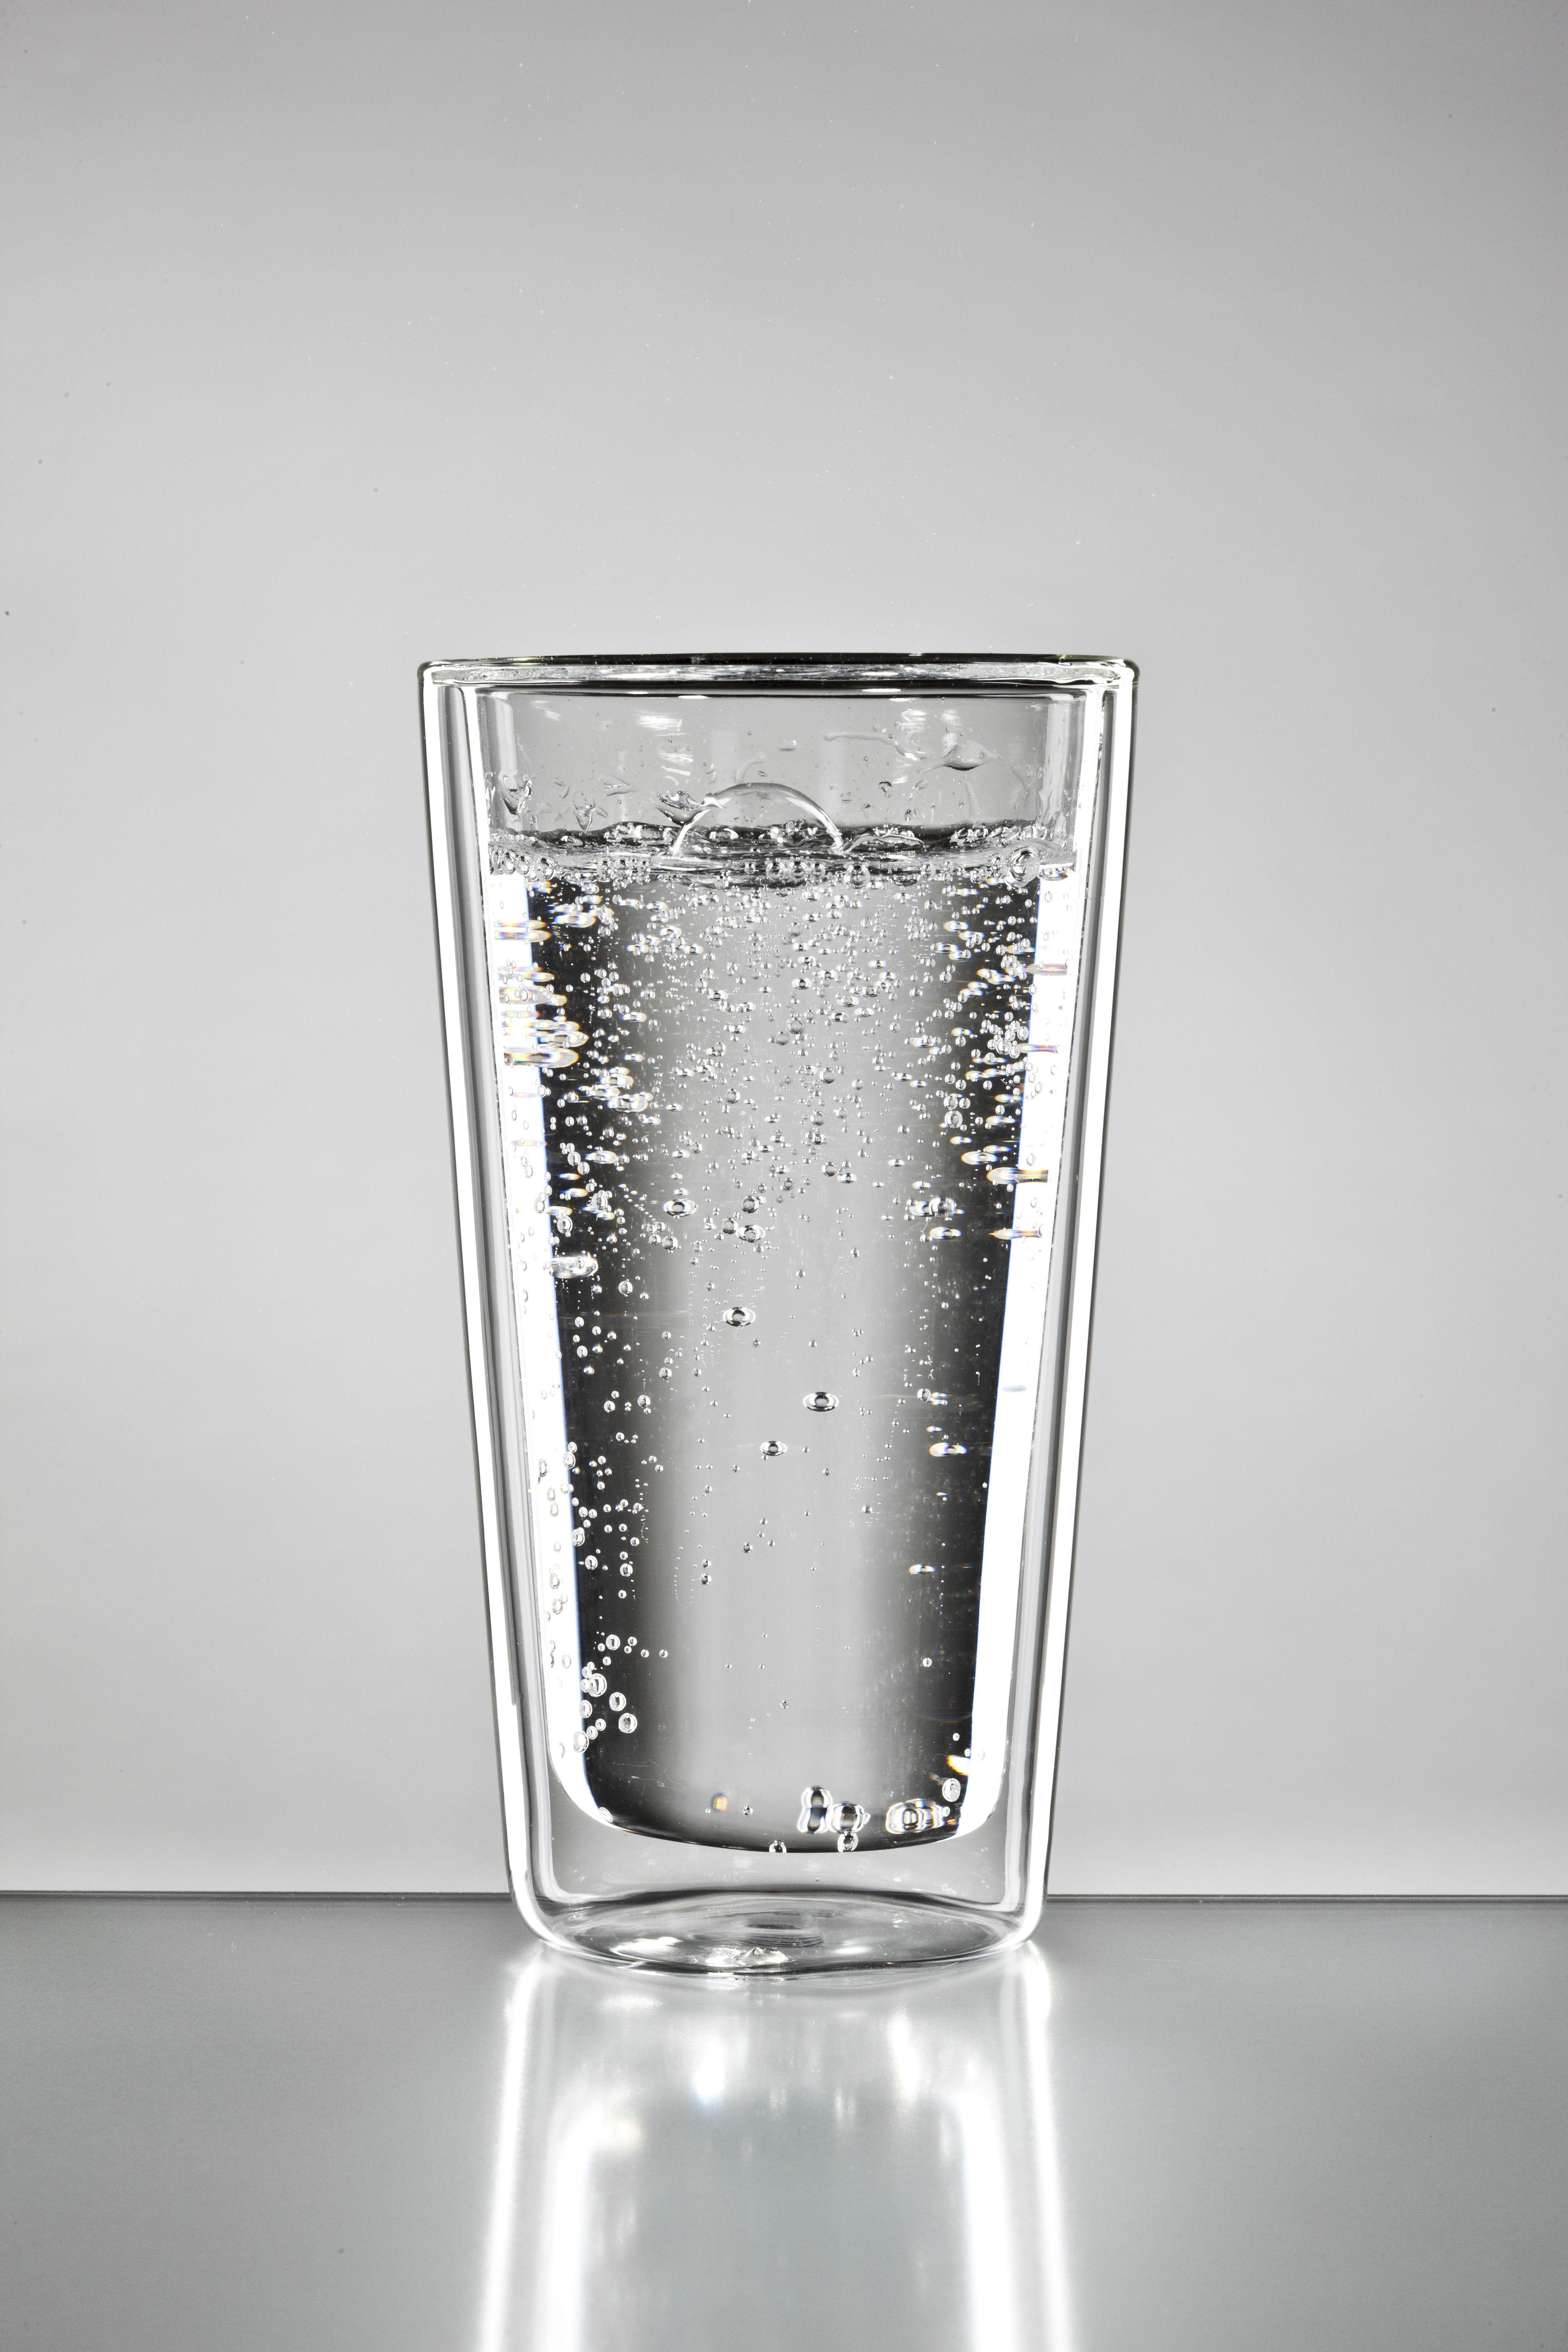 gerades Wasserglas mit einer Füllmenge von 300ml - kann auch für Latte Maccchiato verwendet werden.